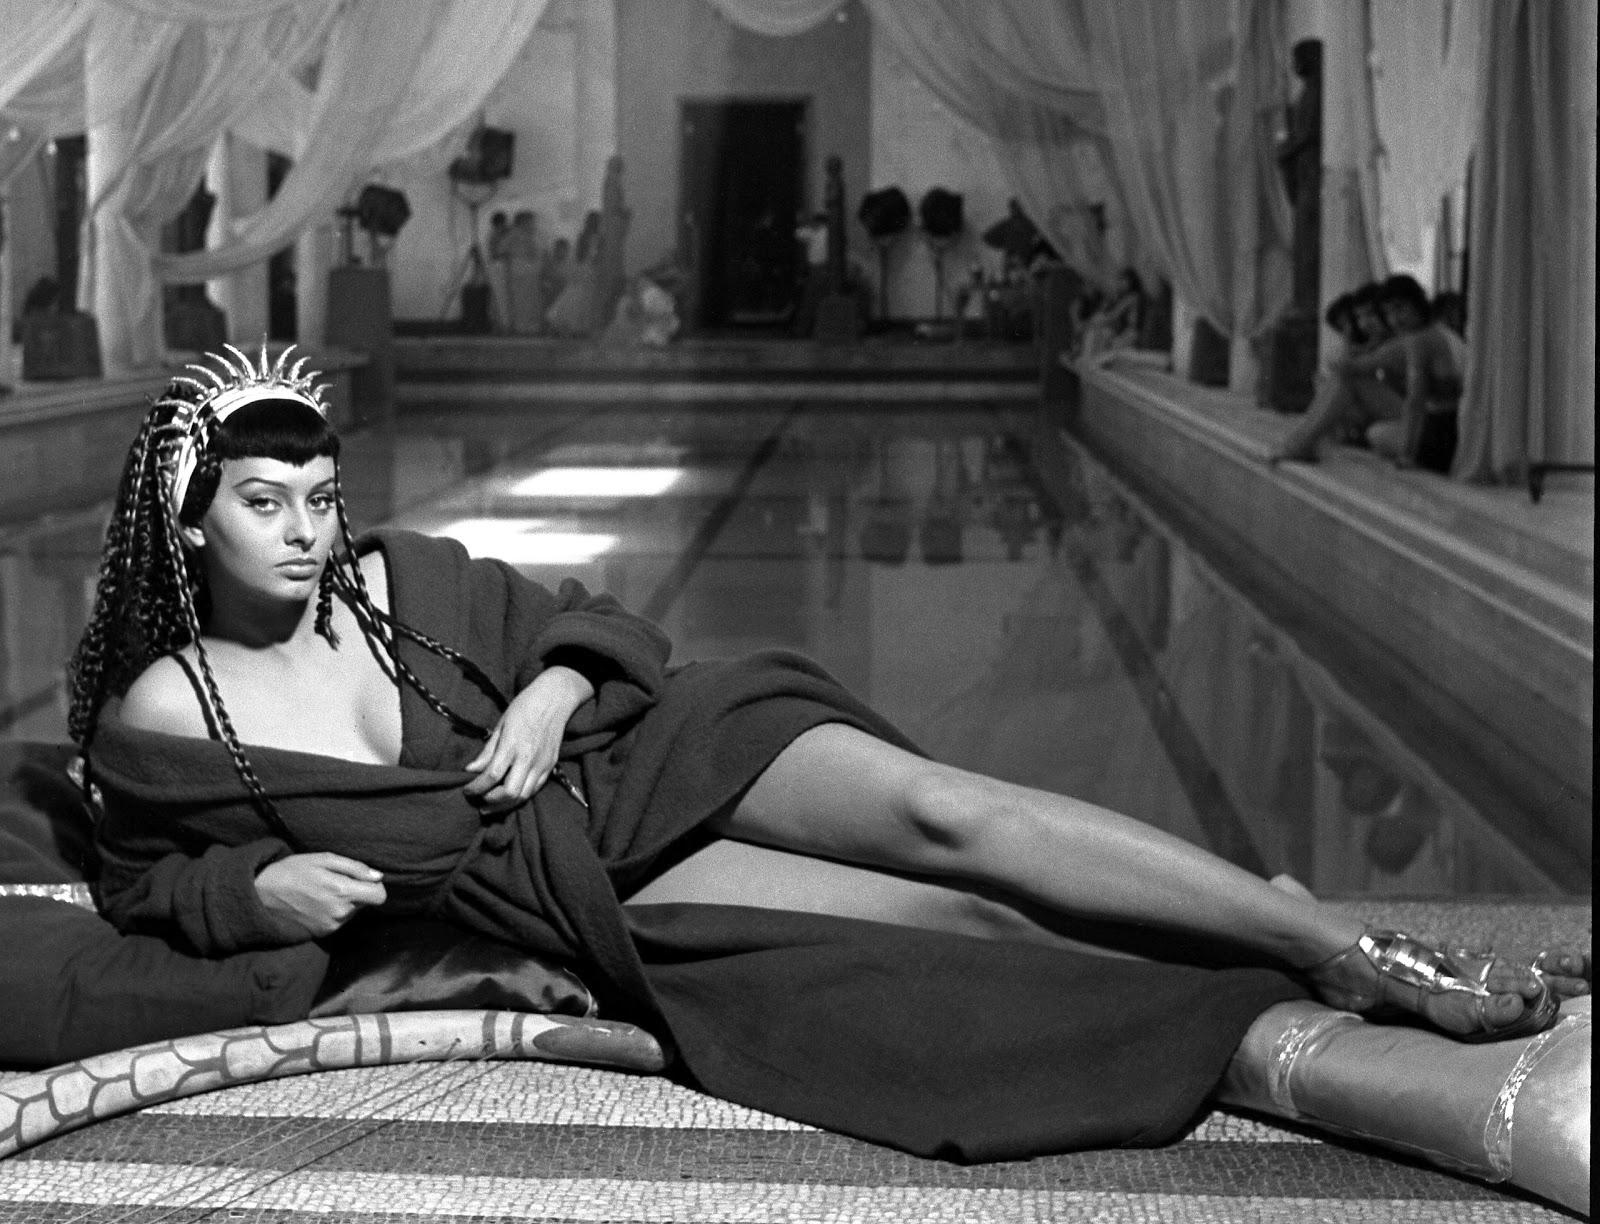 http://3.bp.blogspot.com/-Vi7Ekupr6F4/T2MWN3jv1mI/AAAAAAAAKqs/z0jI2P_Hqt8/s1600/sophia-loren-due-notti-con-cleopatra-1953-04.jpg